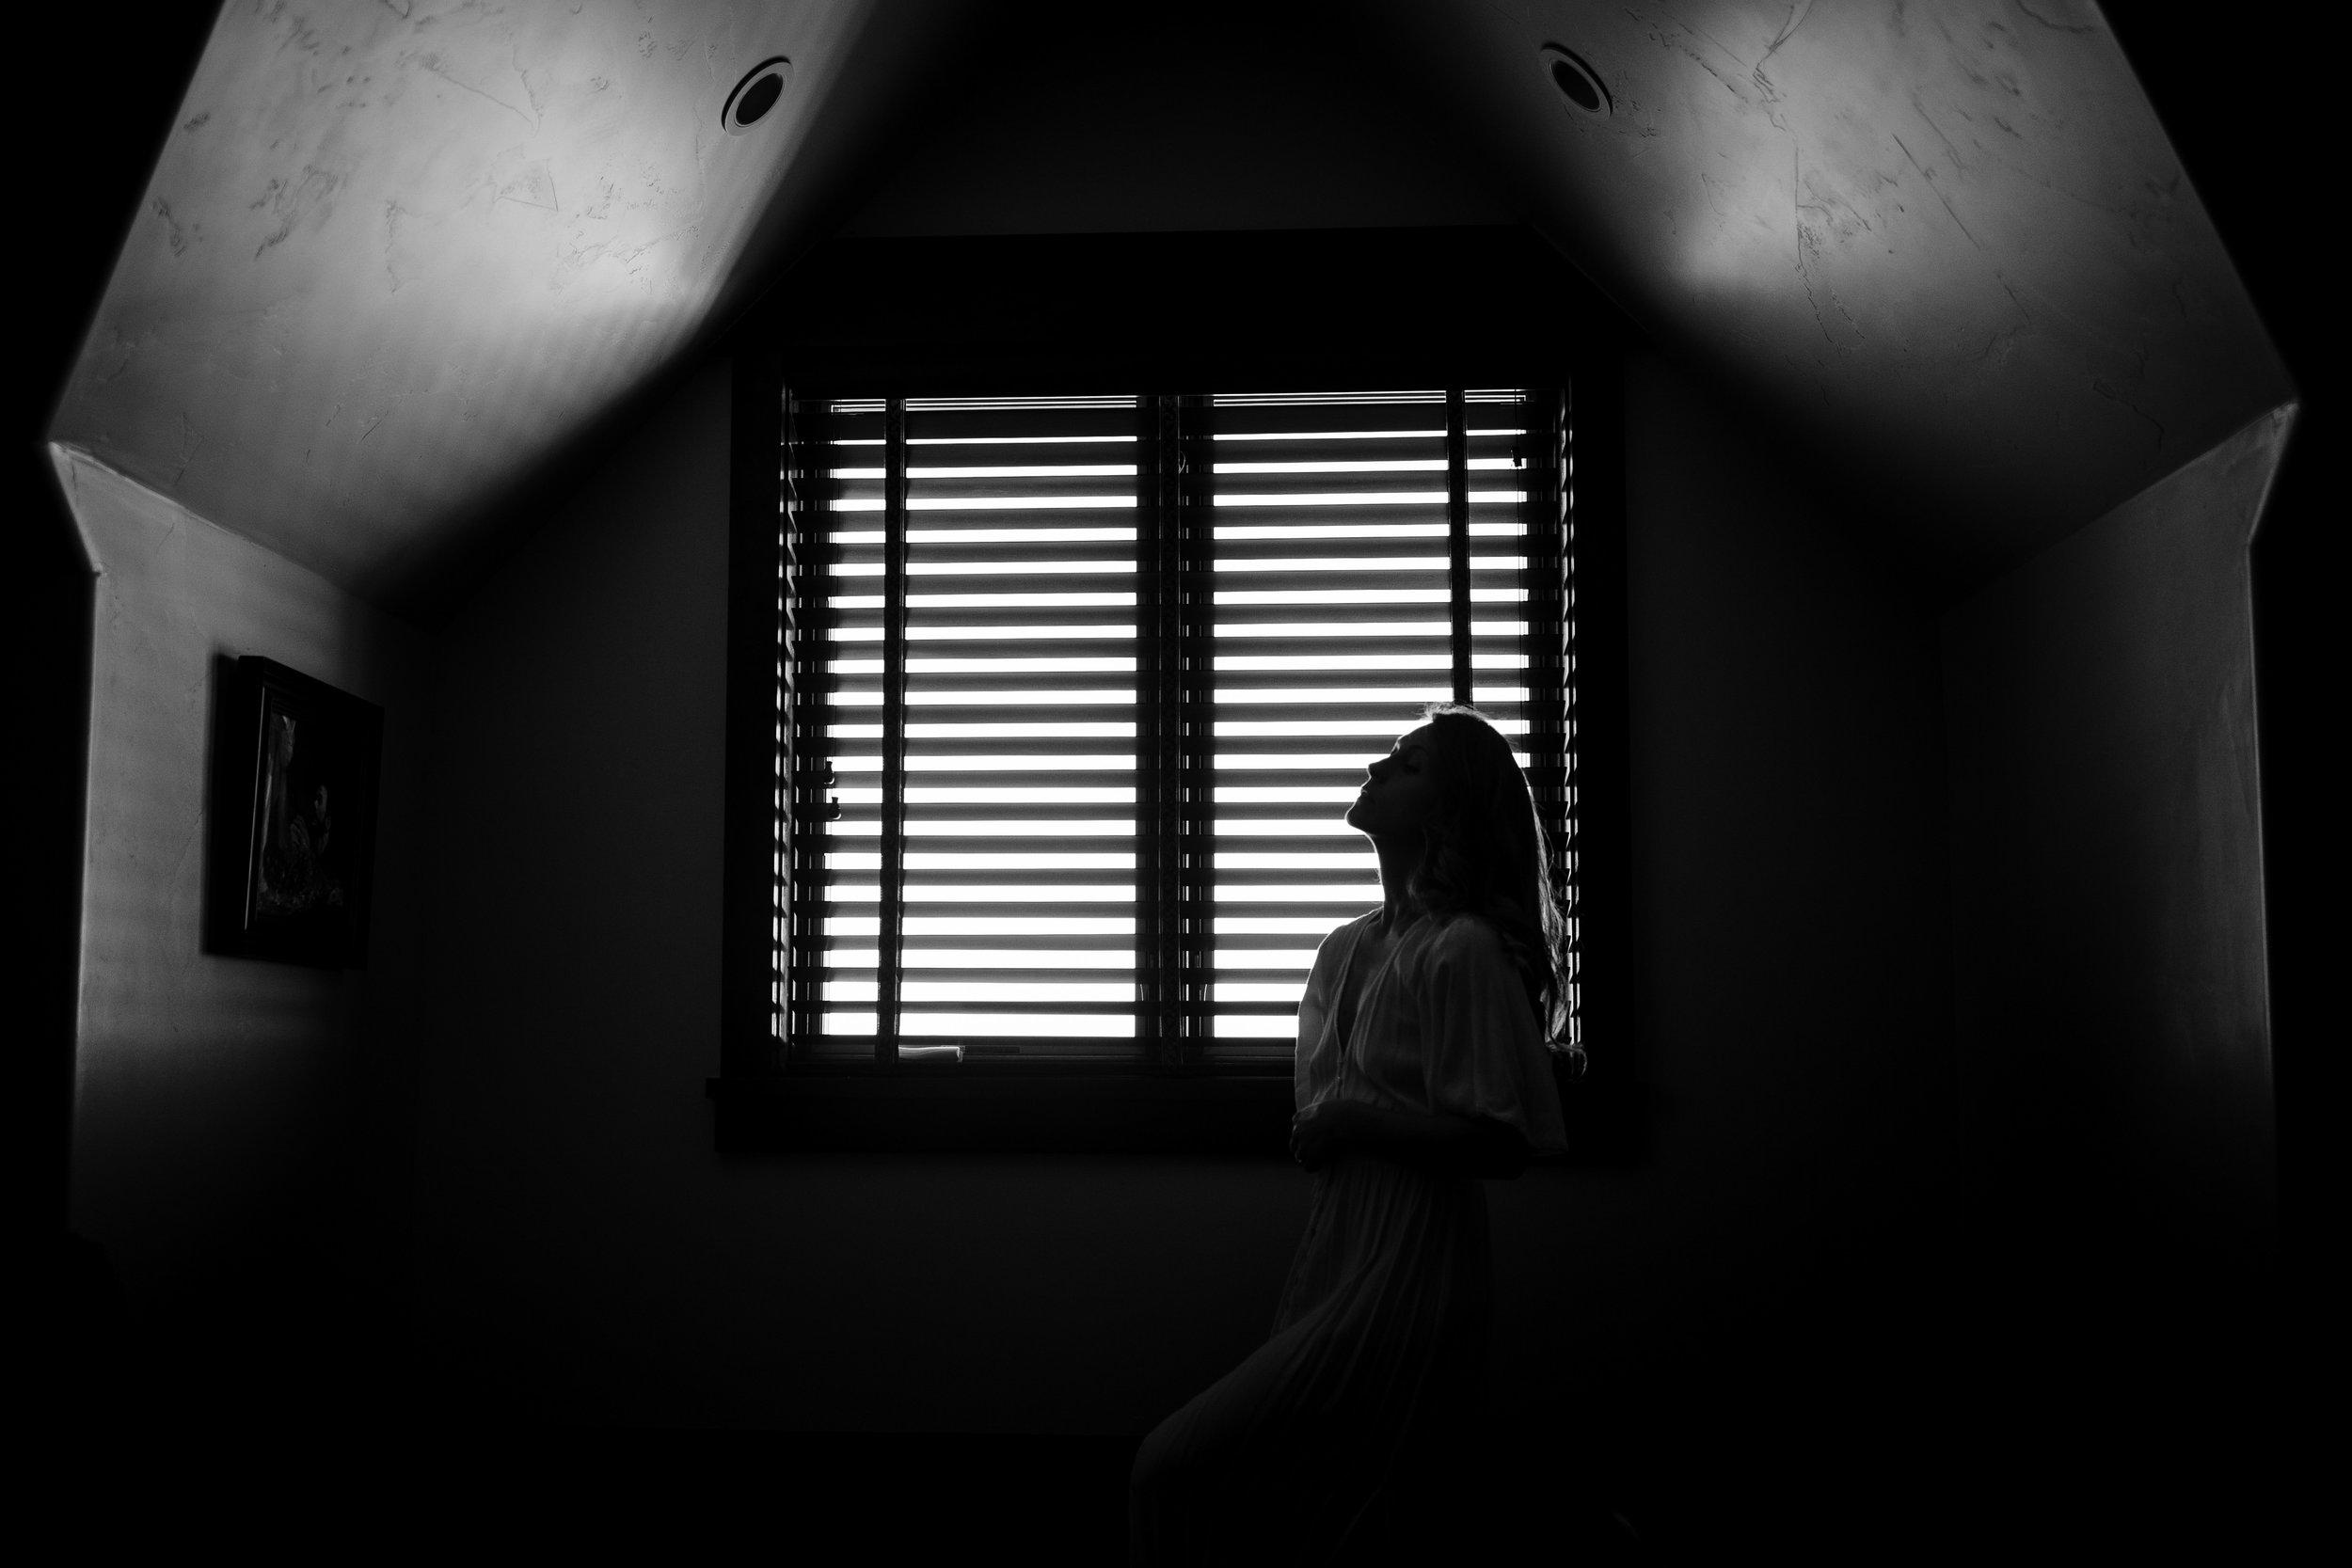 emotive-photographer-jessica-max-april.jpg